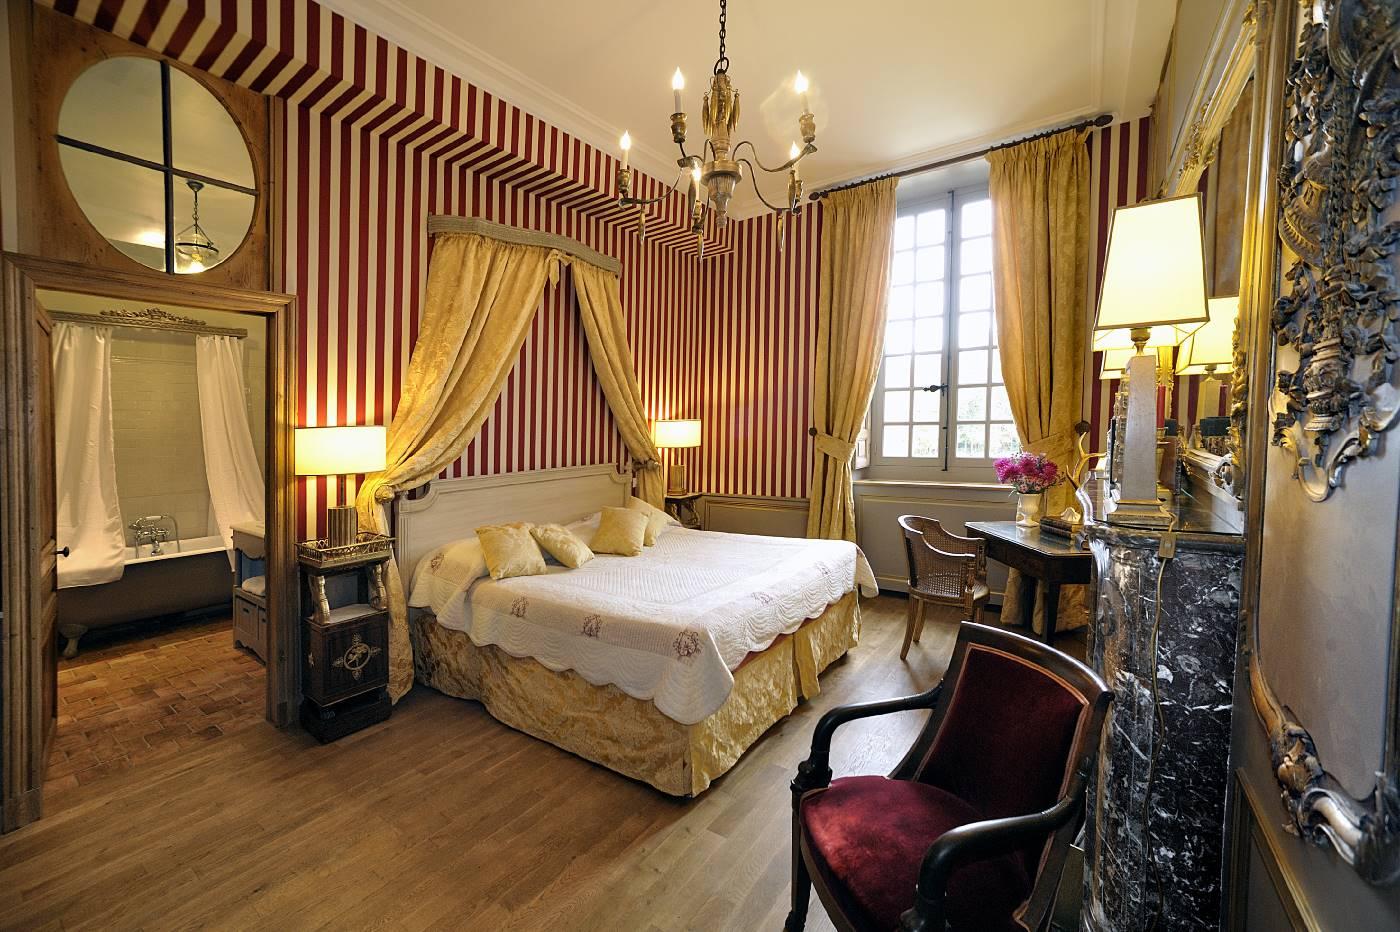 Chambre-Recamier-Parc-facade-arrière-chateau-bourron-marlotte-1400